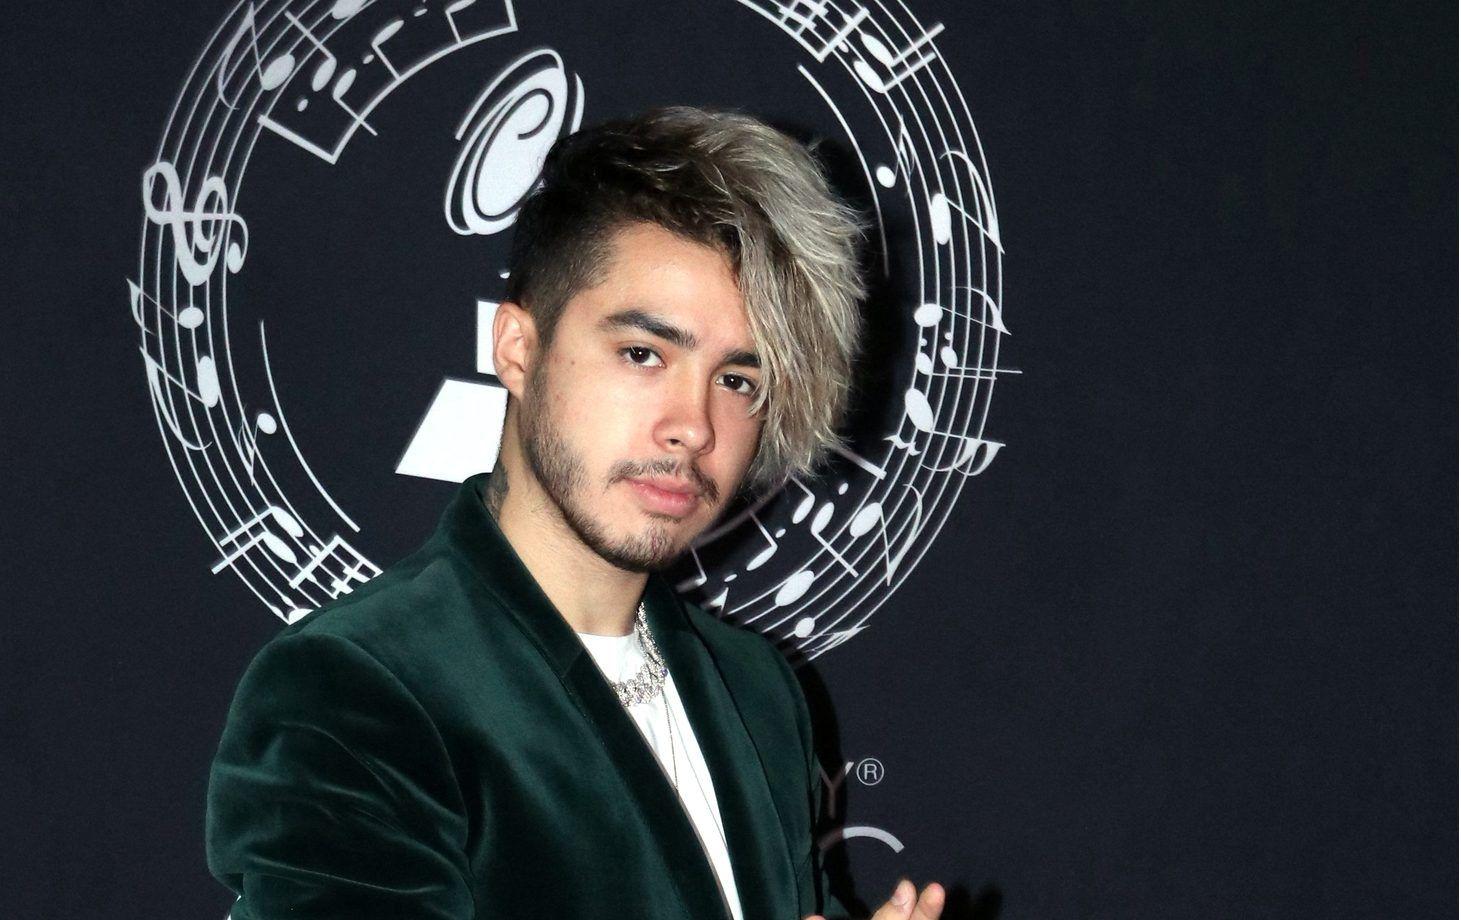 Mario Bautista (foto) se presentó la semana pasada en un pequeño show que ofreció Carlos Rivera en el Museo Soumaya, como parte del Latin Grammy Acoustic Sessions. (AGENCIA REFORMA)